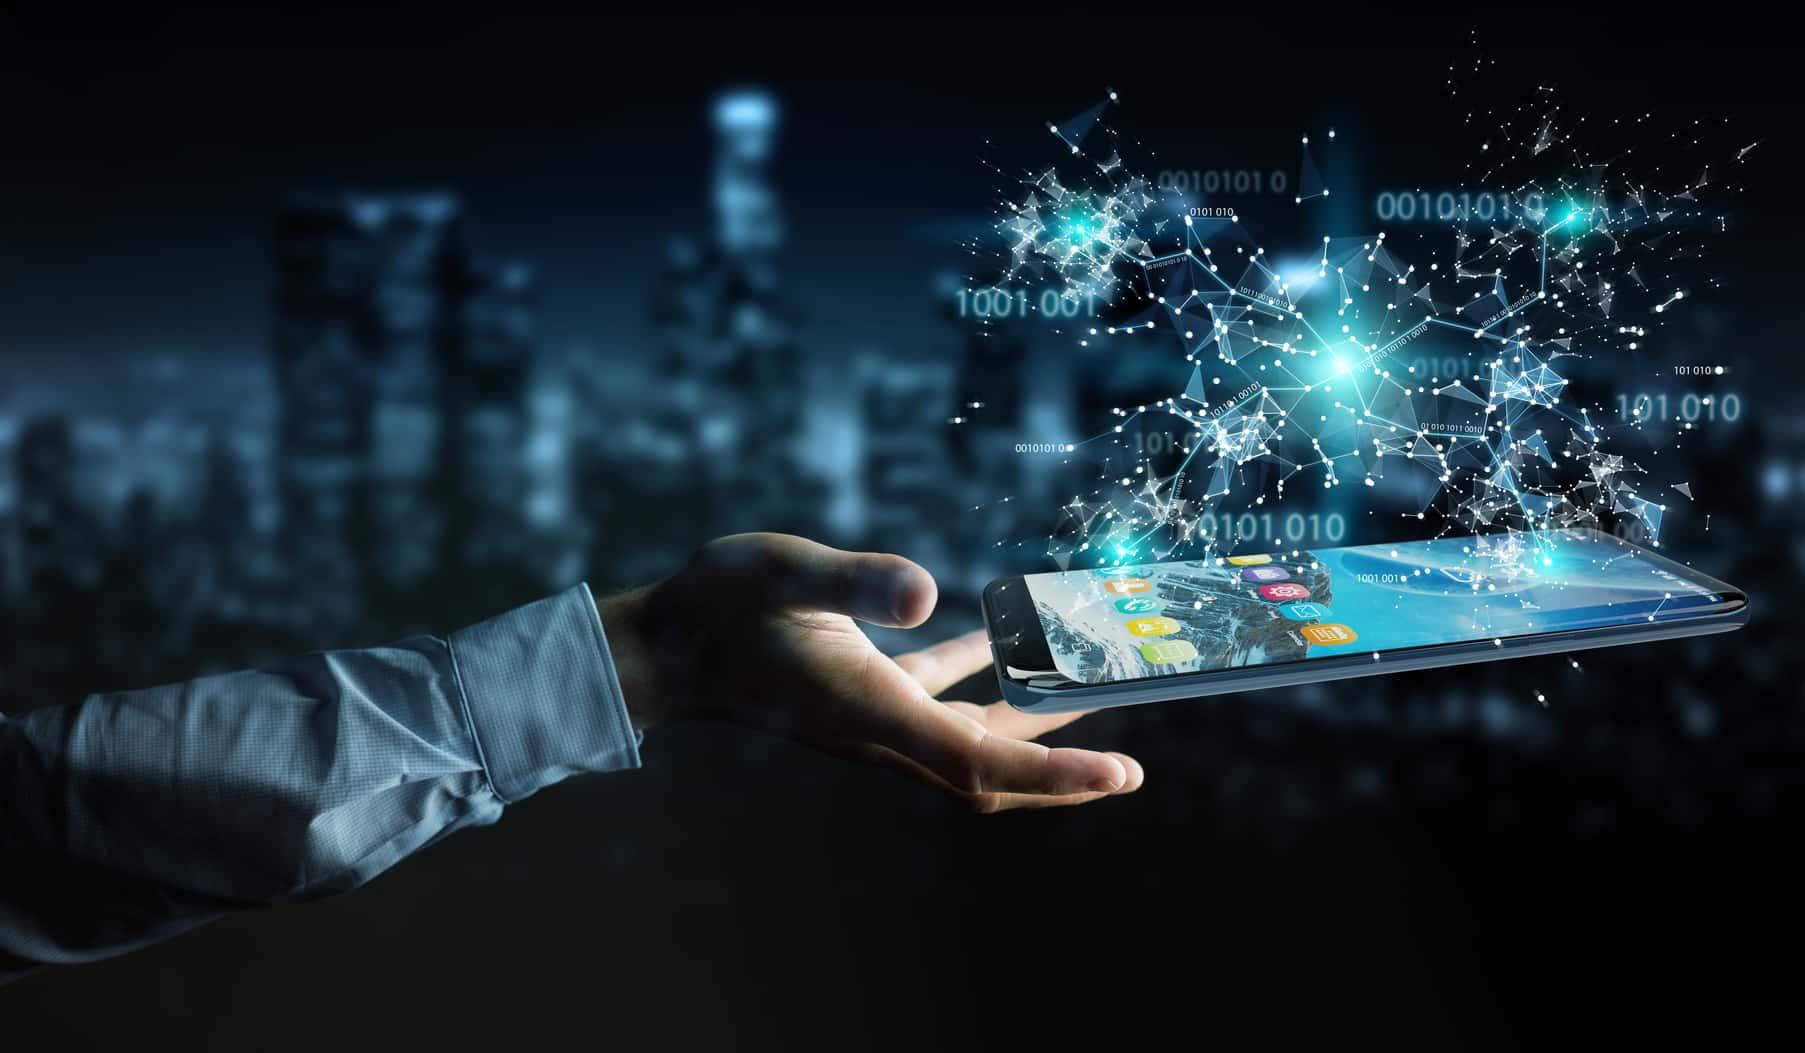 El año 2017 fue uno de recuperación en la trayectoria de crecimiento en el sector de telecomunicaciones en México, no siendo el segmento móvil una excepción.